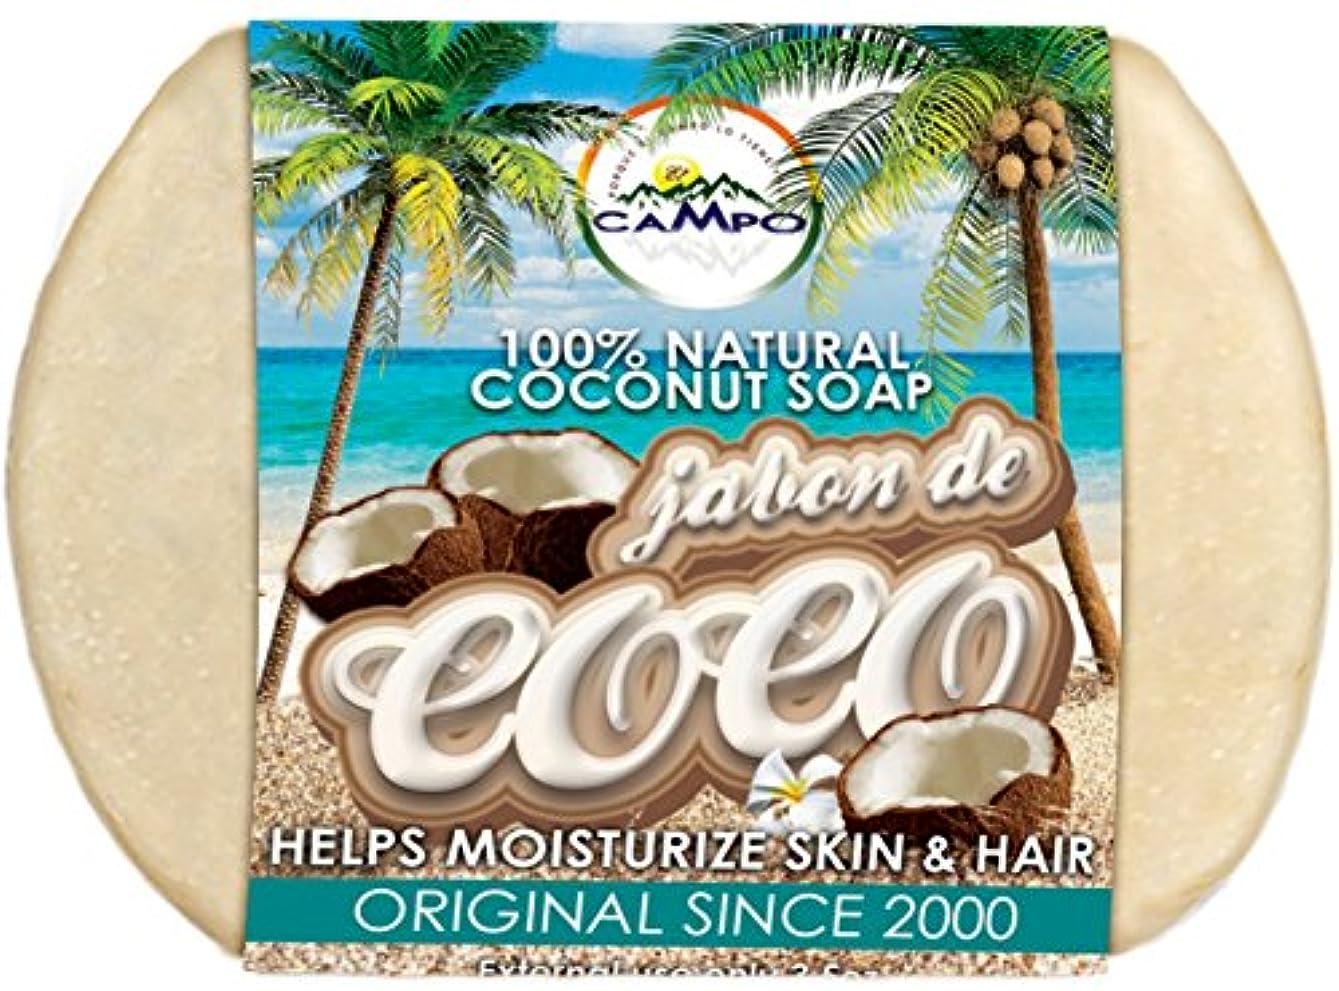 反対した安いです夜Jabon De Coco (Coconut Soap) (dollars)14.99 High Quality Use Once and See the Difference